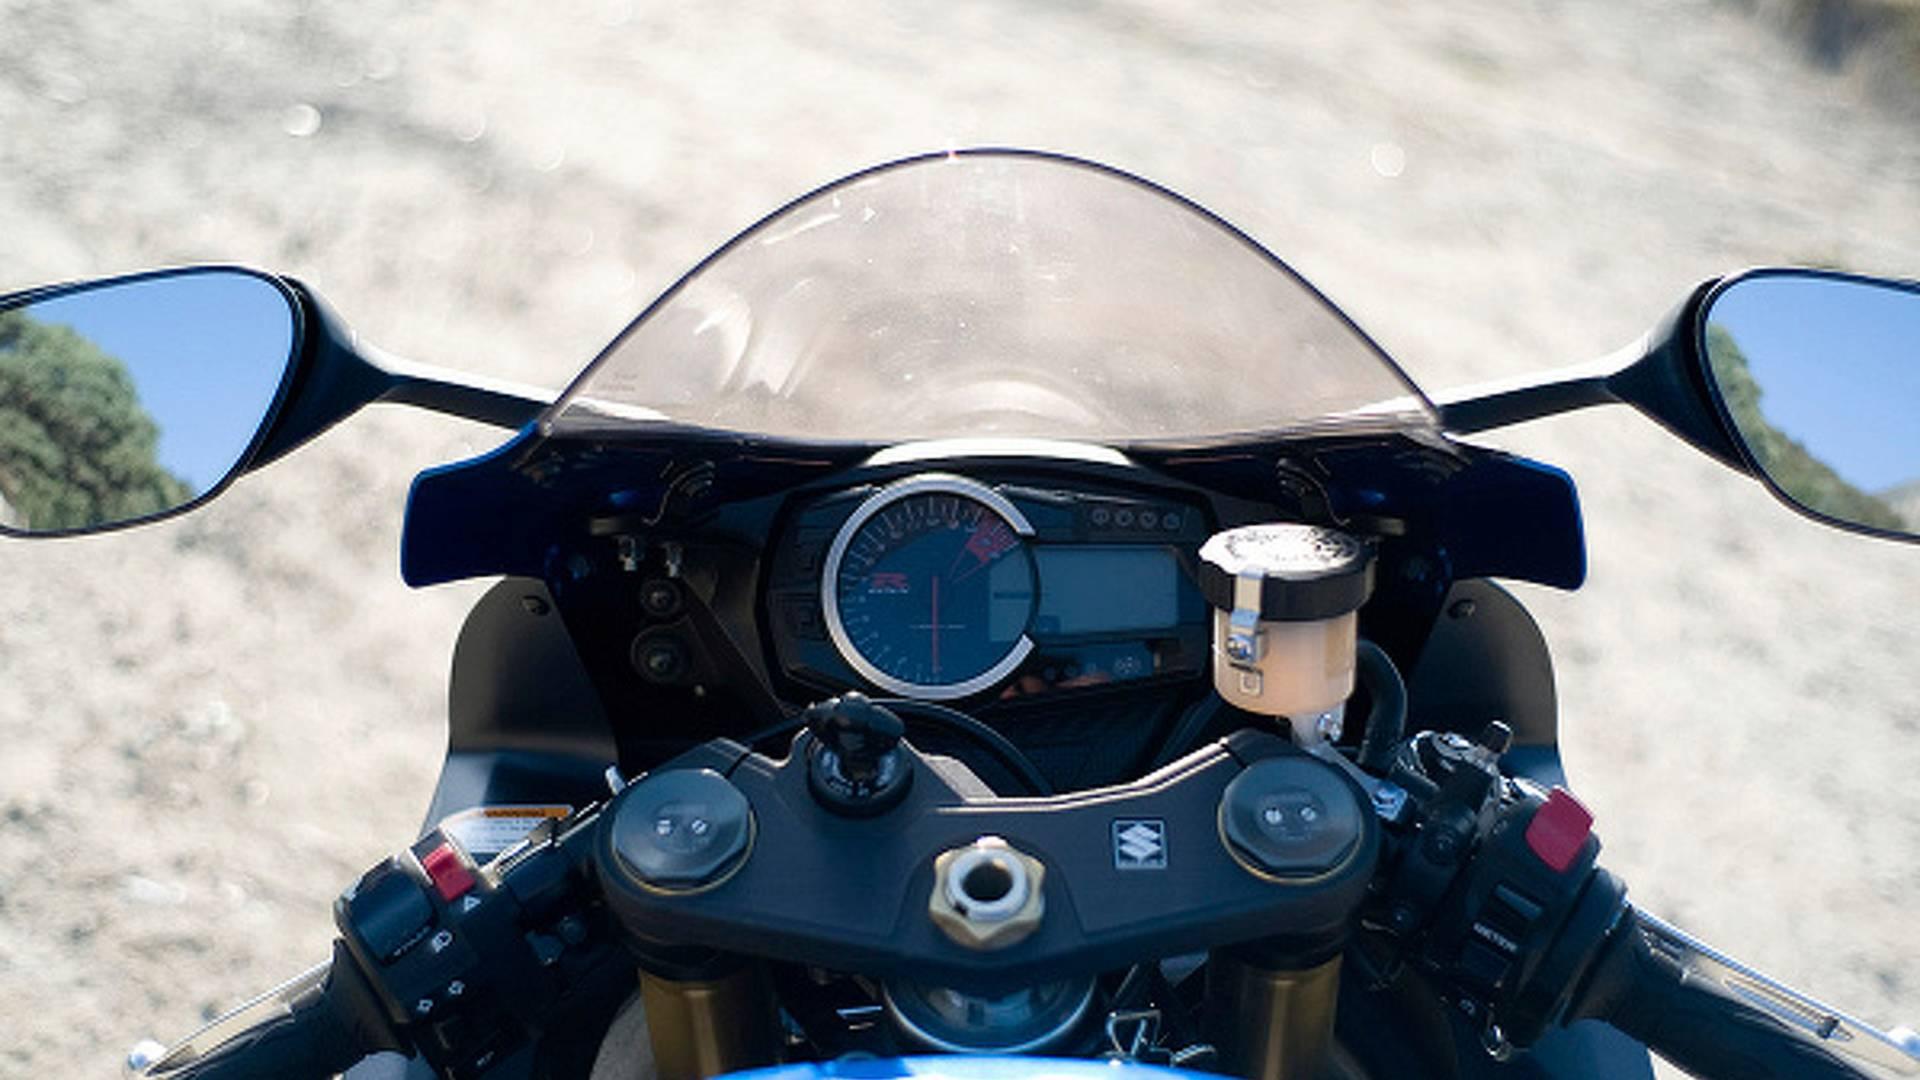 2011 Suzuki GSX-R 750: too good for squids